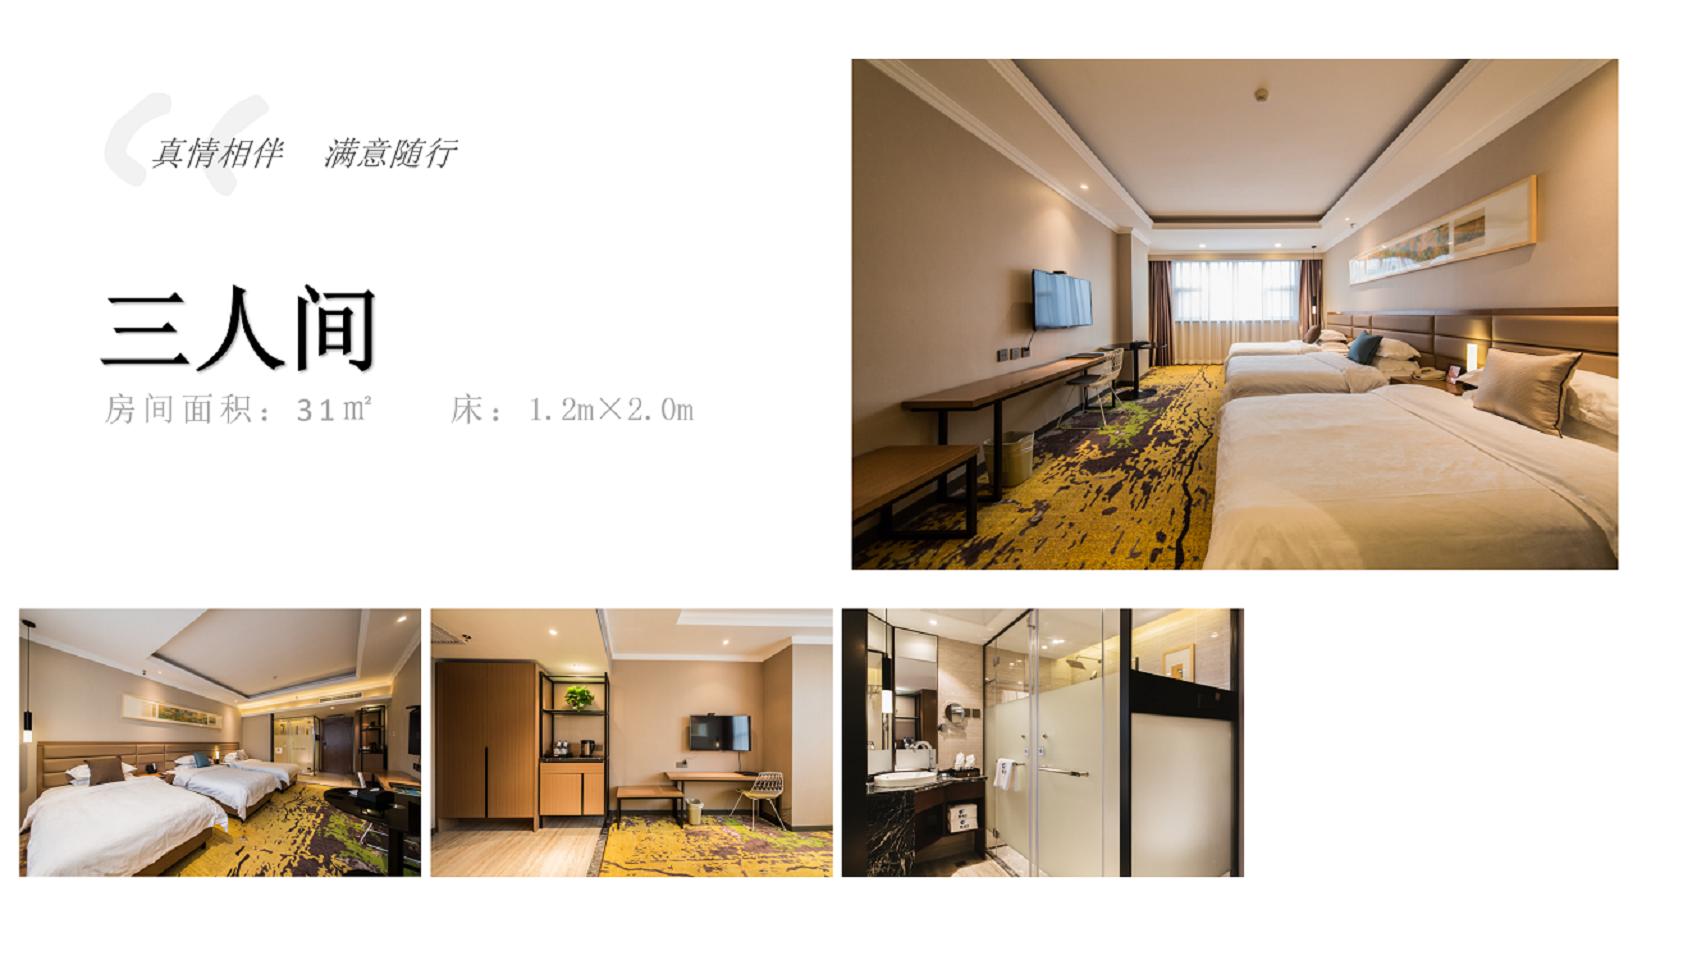 云美旅国际酒店_07.png